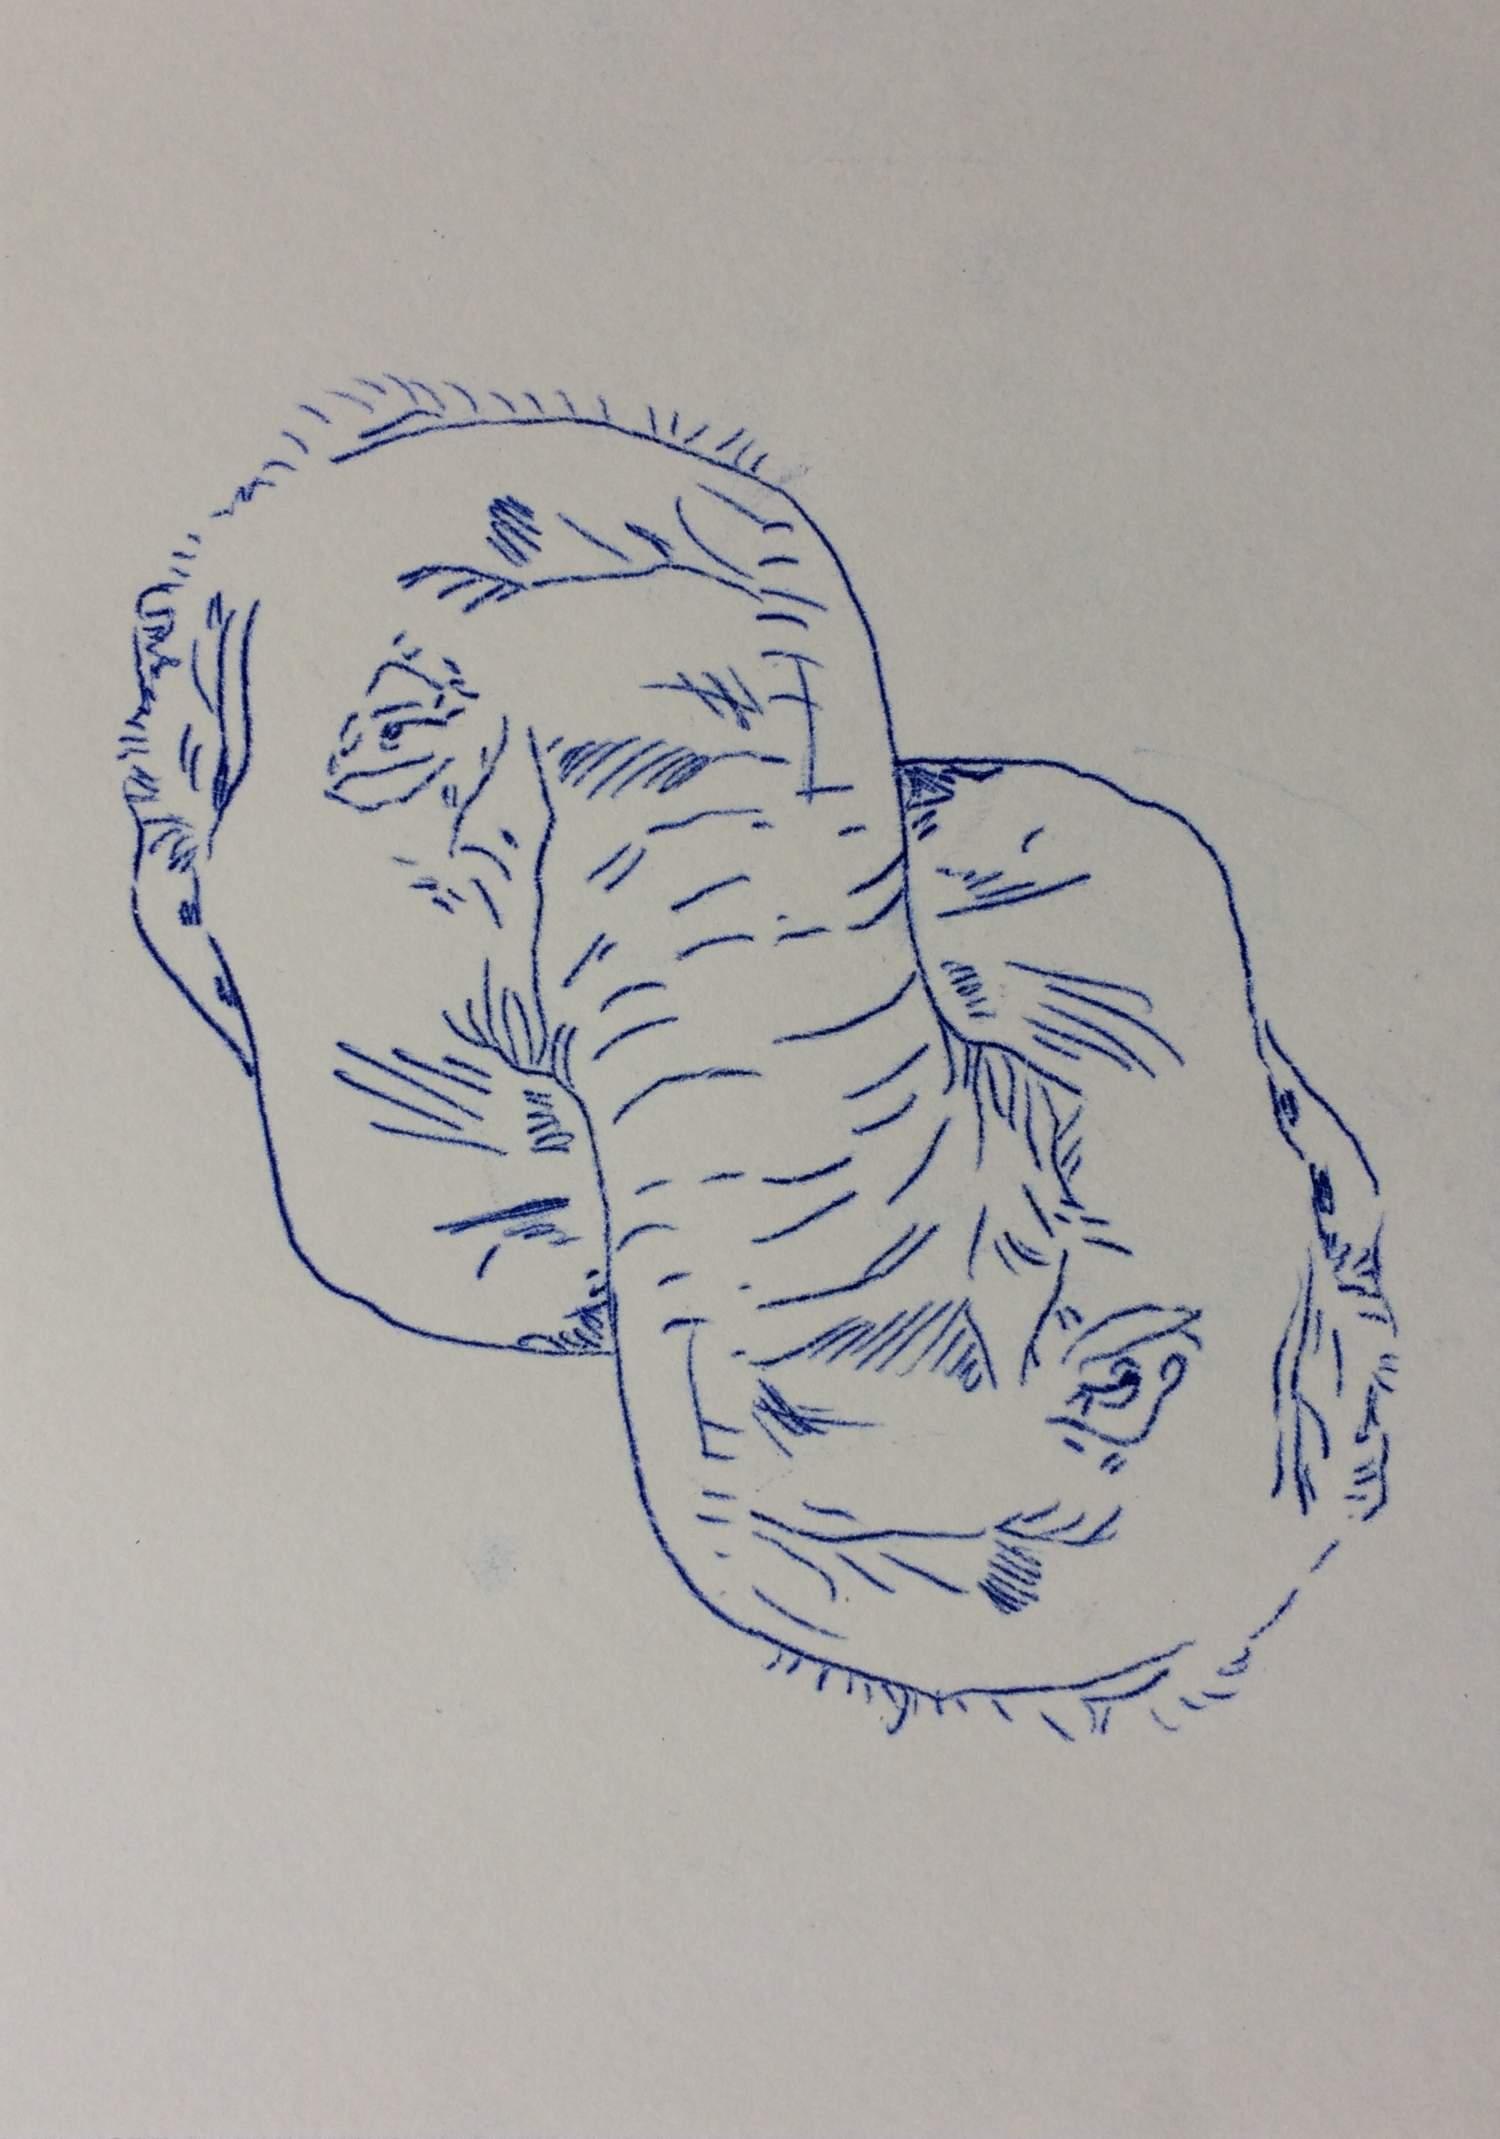 """01#2019 aus der Serie """"Plenticopy"""" Kohlepapier-Durchzeichnung auf Papier, 29,7 x 21 cm"""